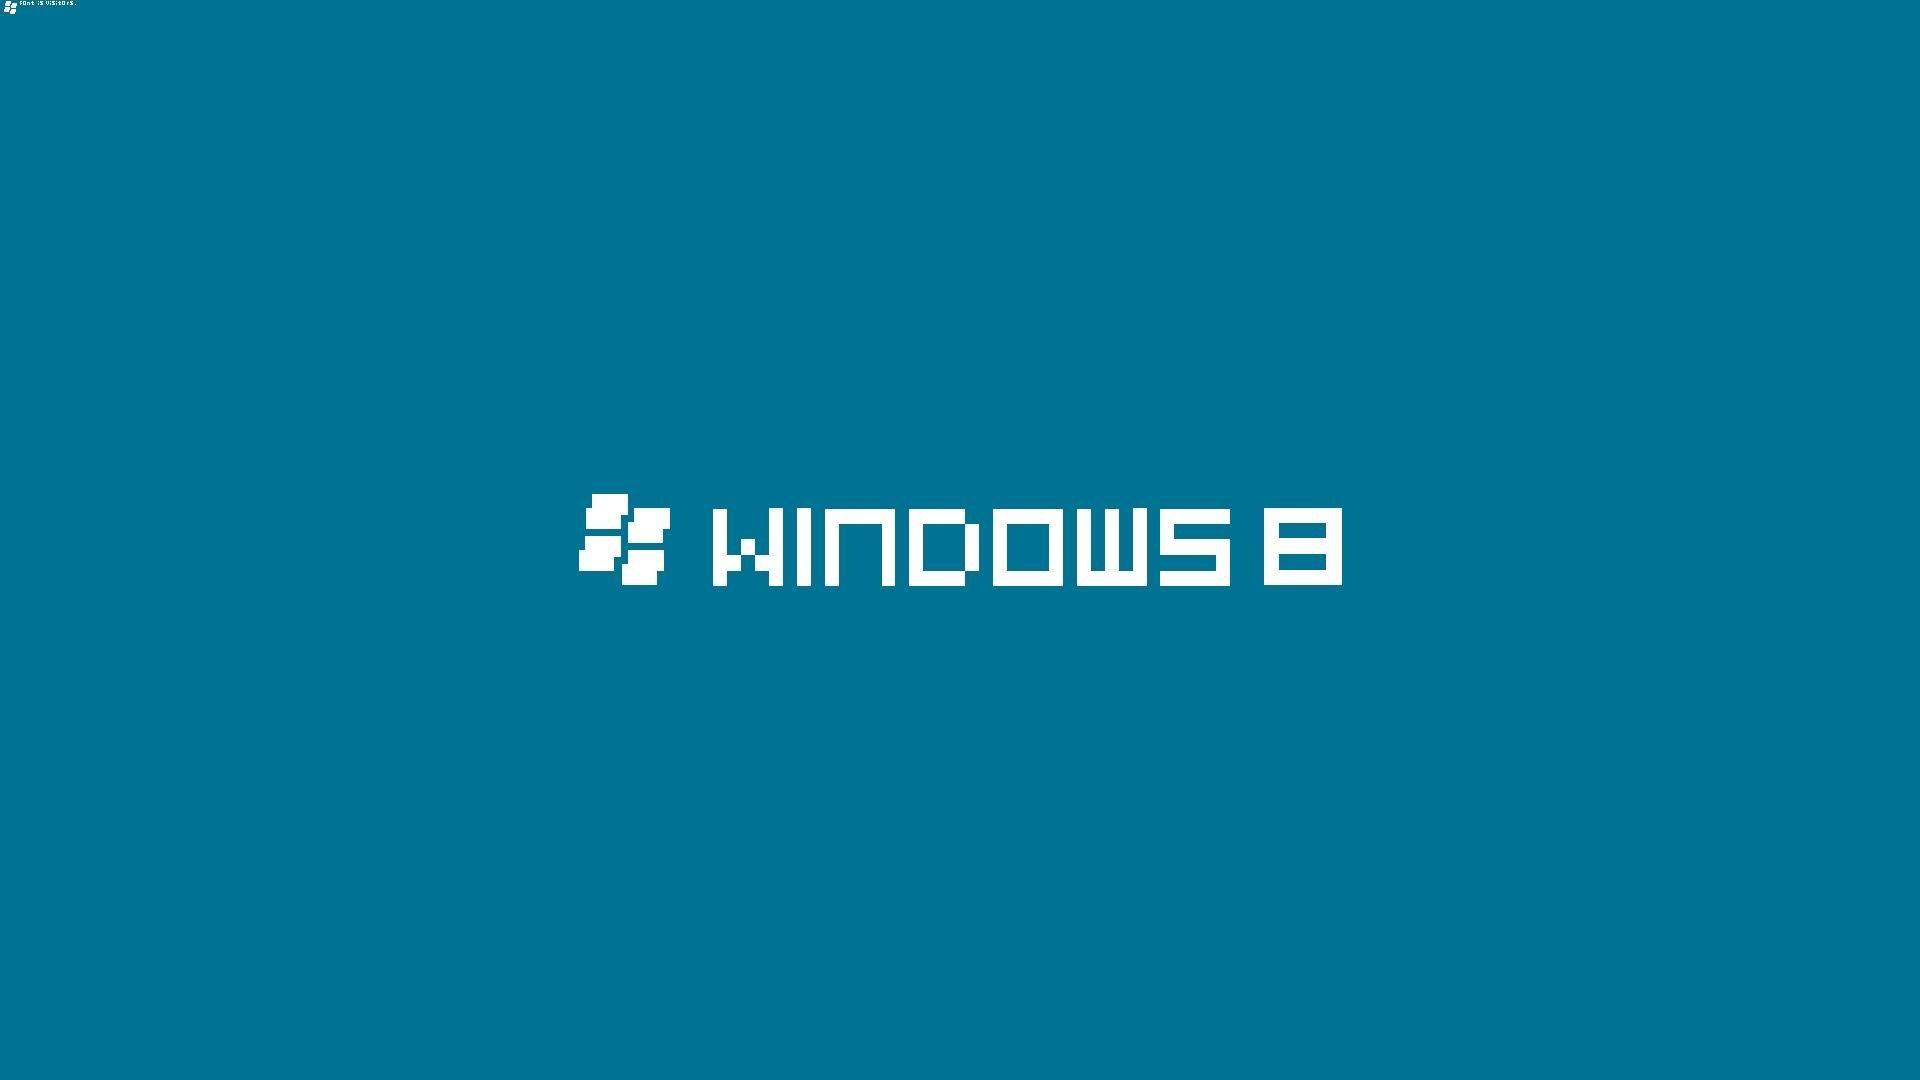 Win8壁纸 Windows8桌面壁纸 Win8电脑壁纸 Win8壁纸  - 壁紙 windows8